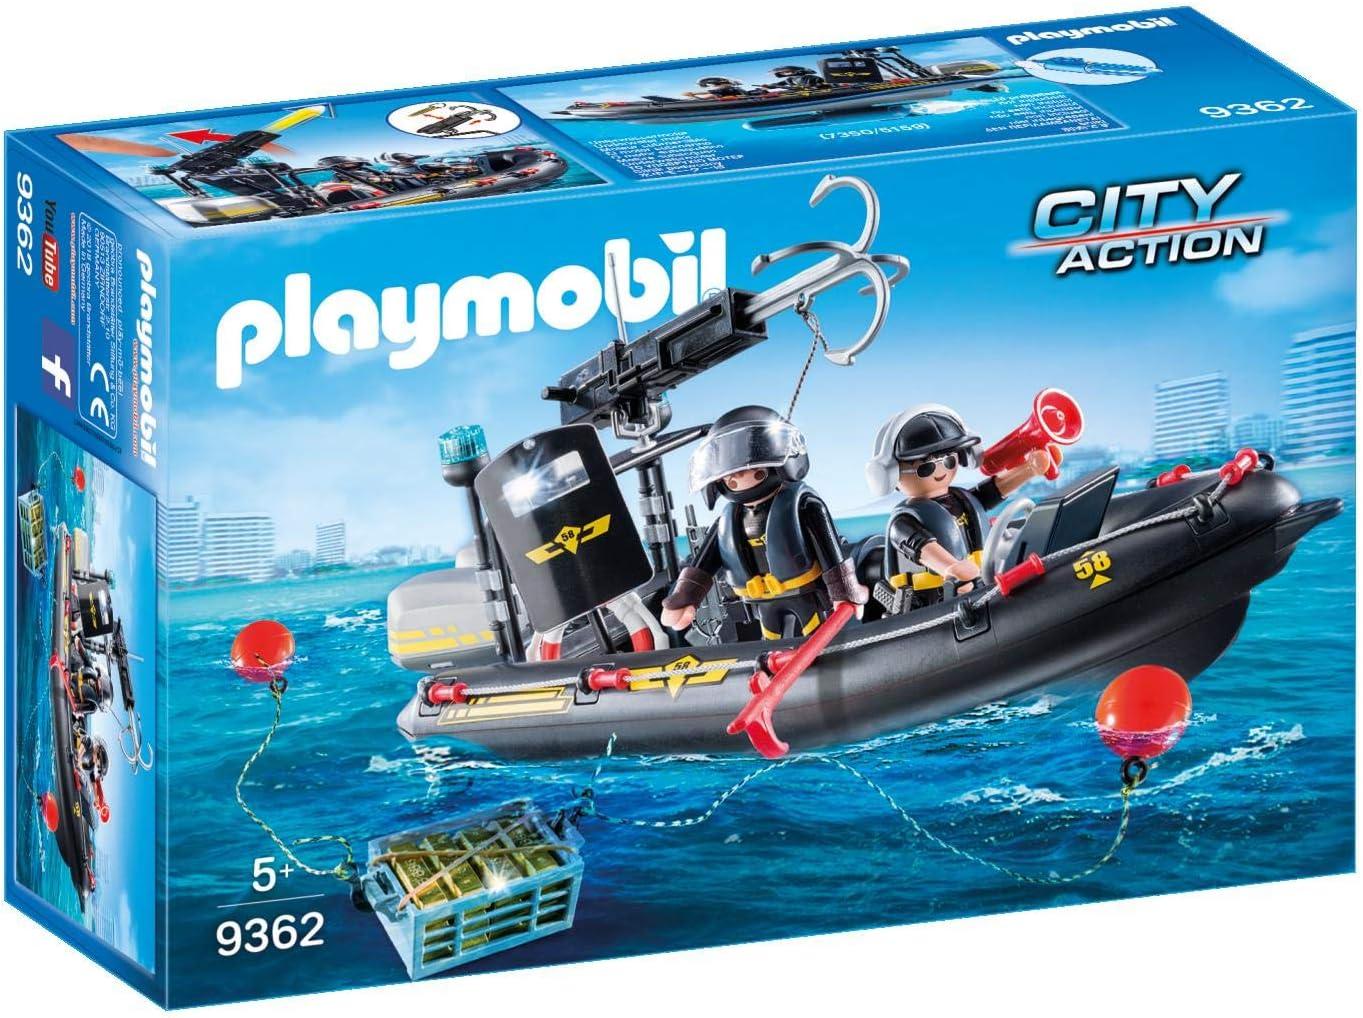 PLAYMOBIL City Action Lancha de las Fuerzas Especiales, Flotante, a Partir de 5 Años (9362)